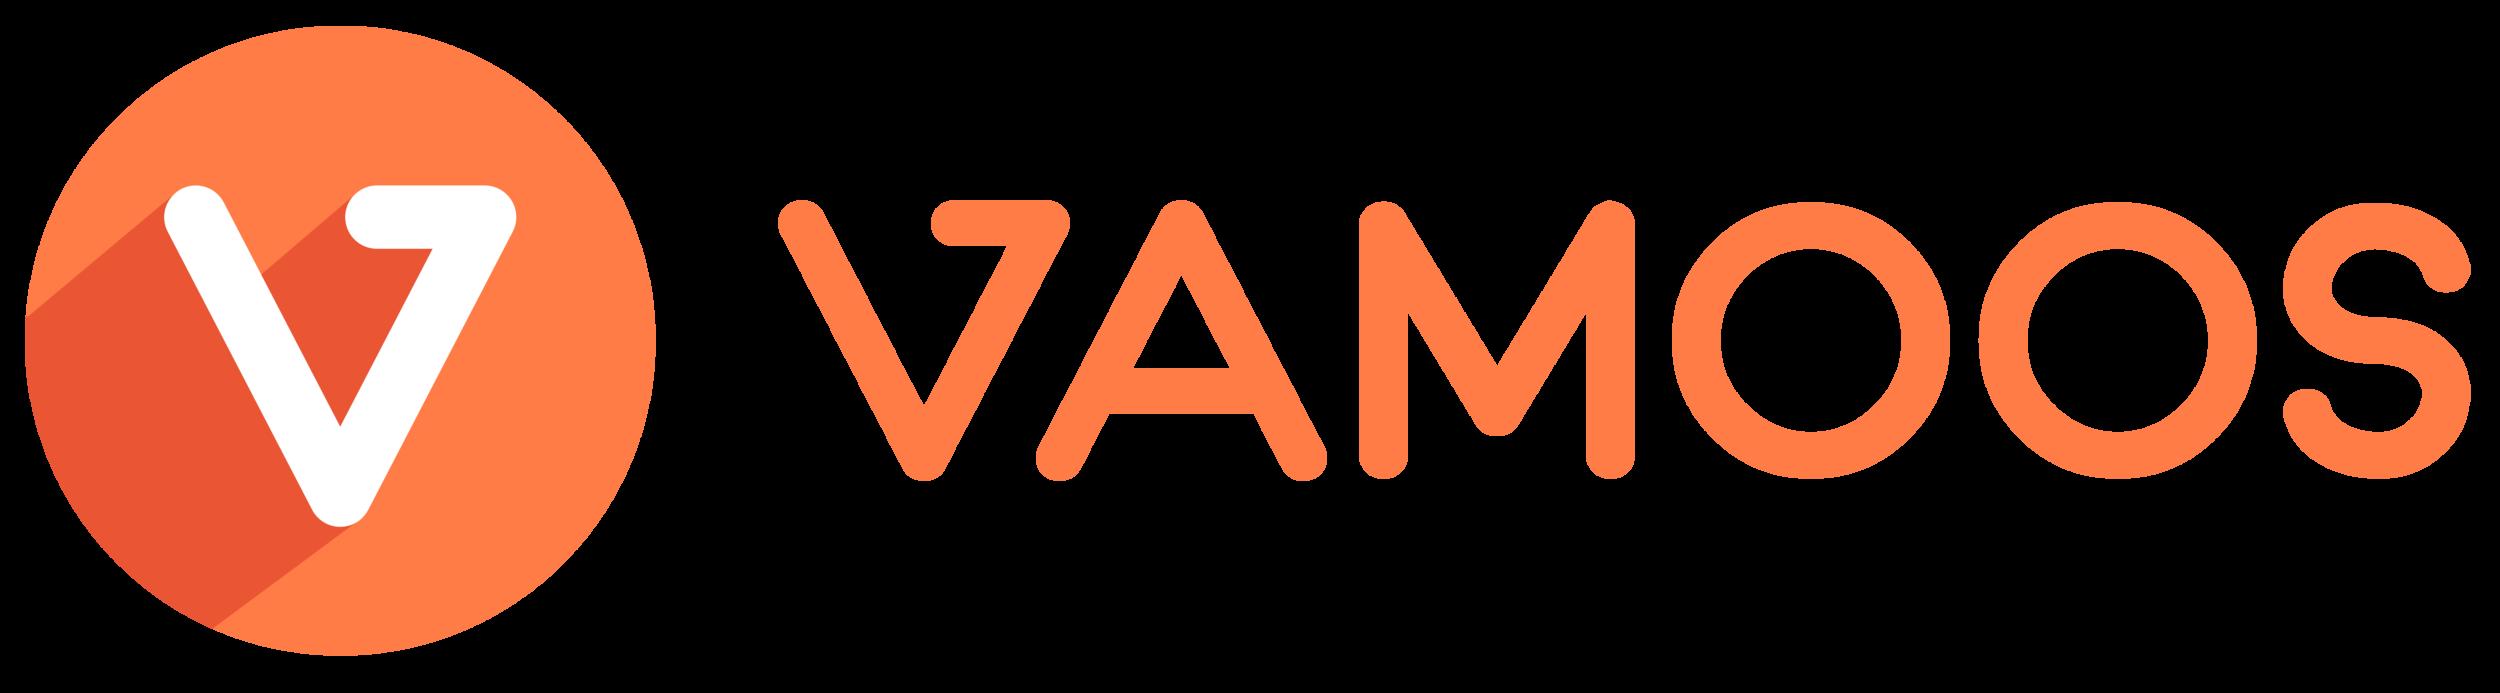 Vamoos_Logo_1.png